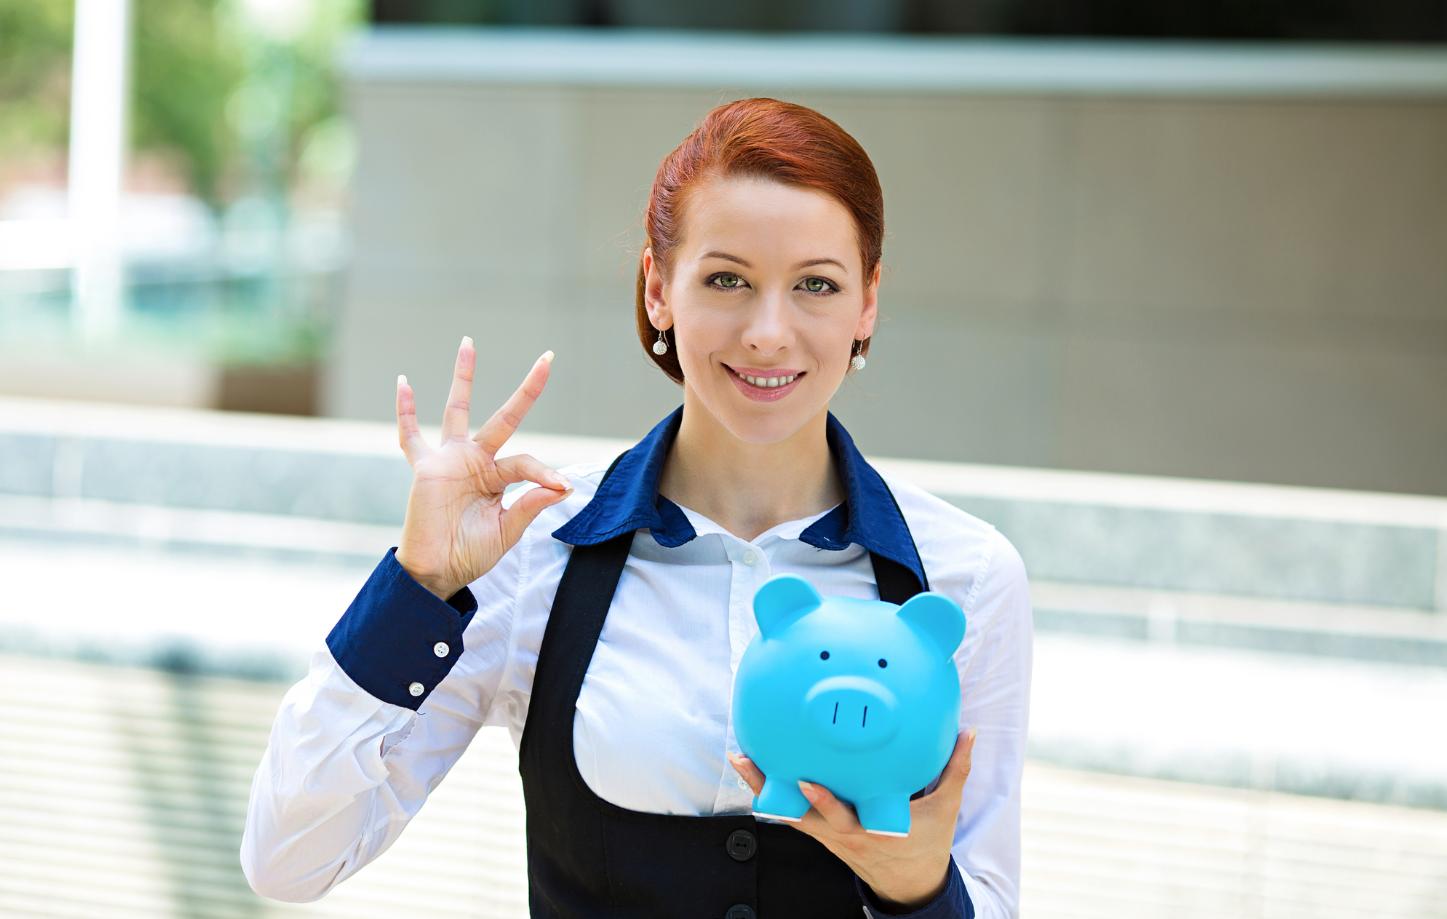 получение кредита для развития малого бизнеса